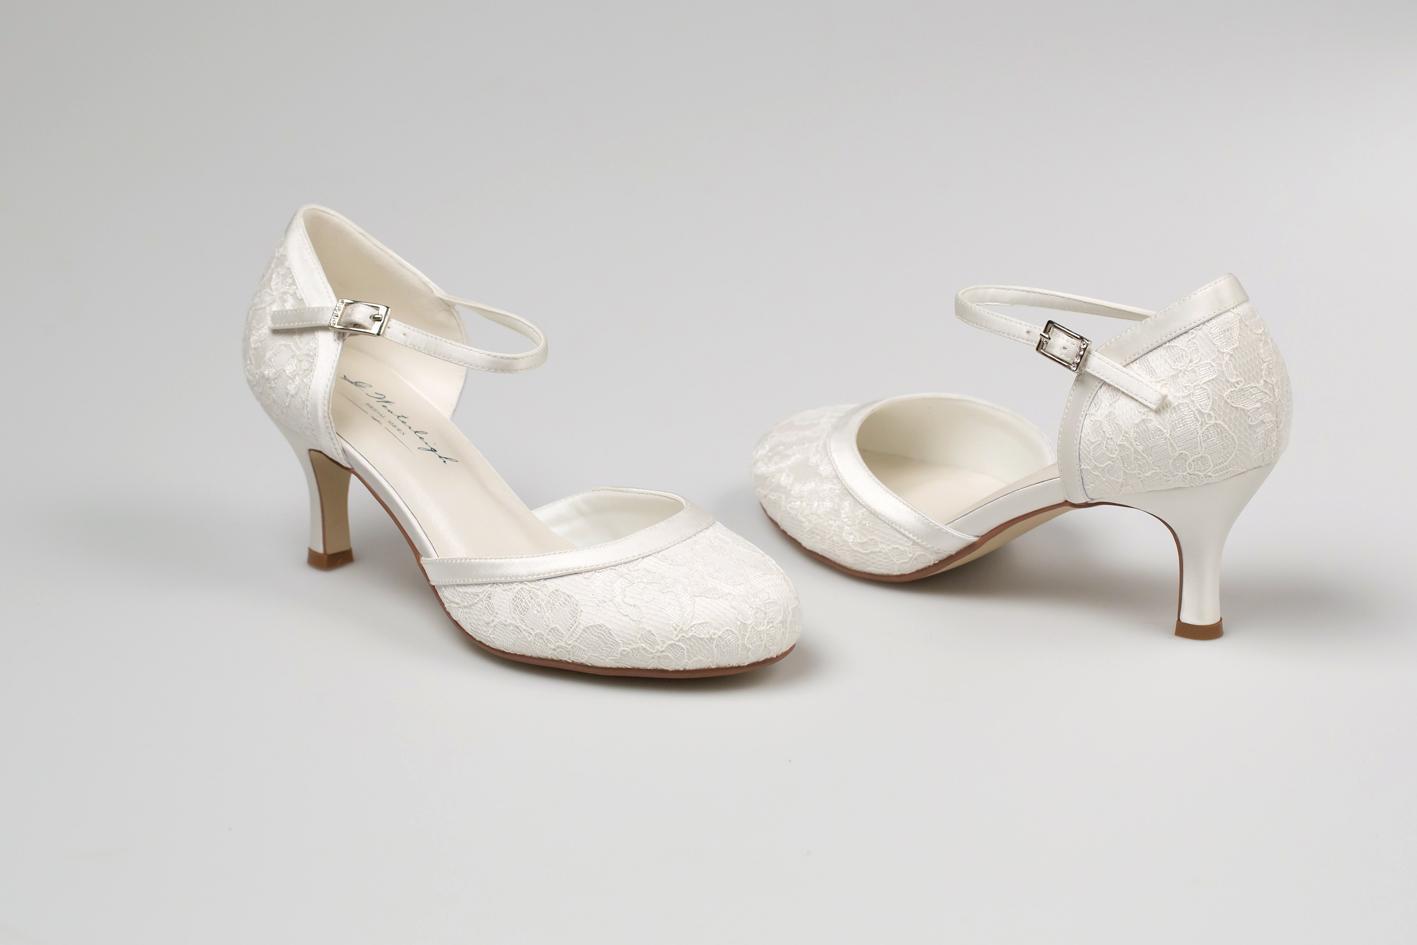 6b6cc4d21570 Svadobné topánky daisy